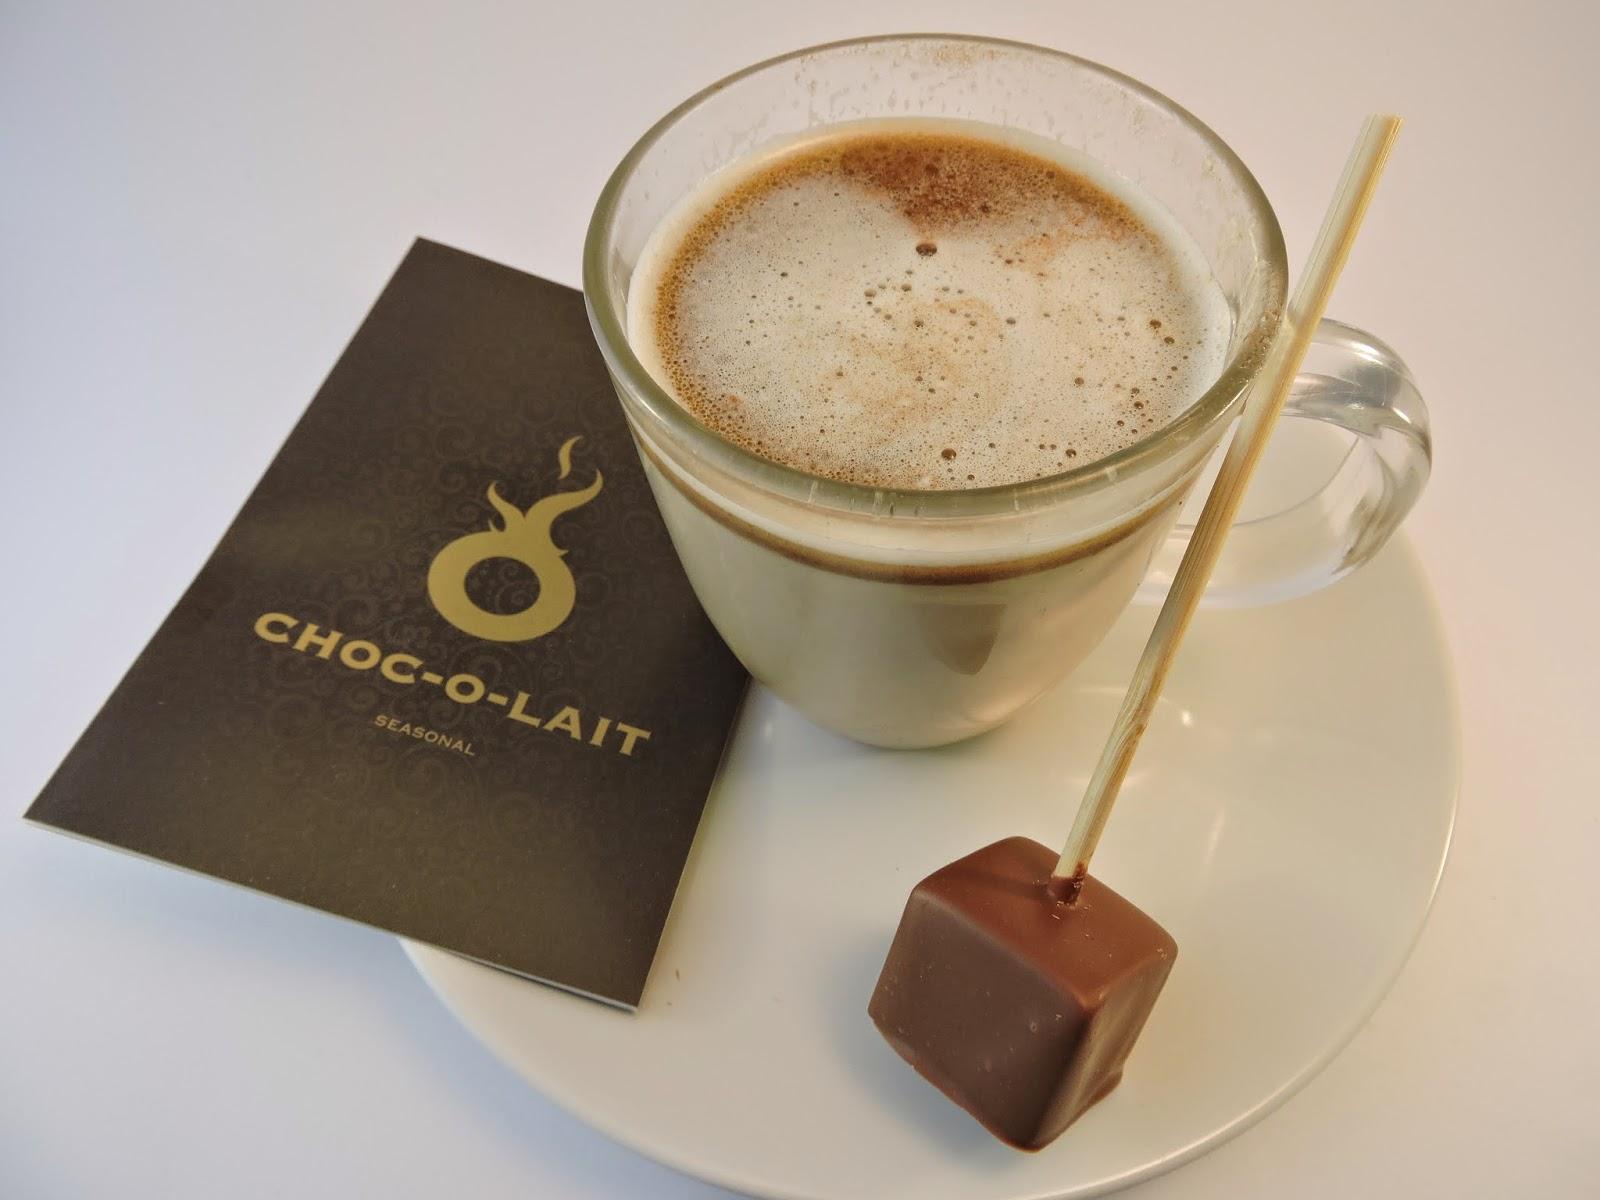 etat de choc choc o lait la gamme s 39 tend au th et au caf avec choc up. Black Bedroom Furniture Sets. Home Design Ideas